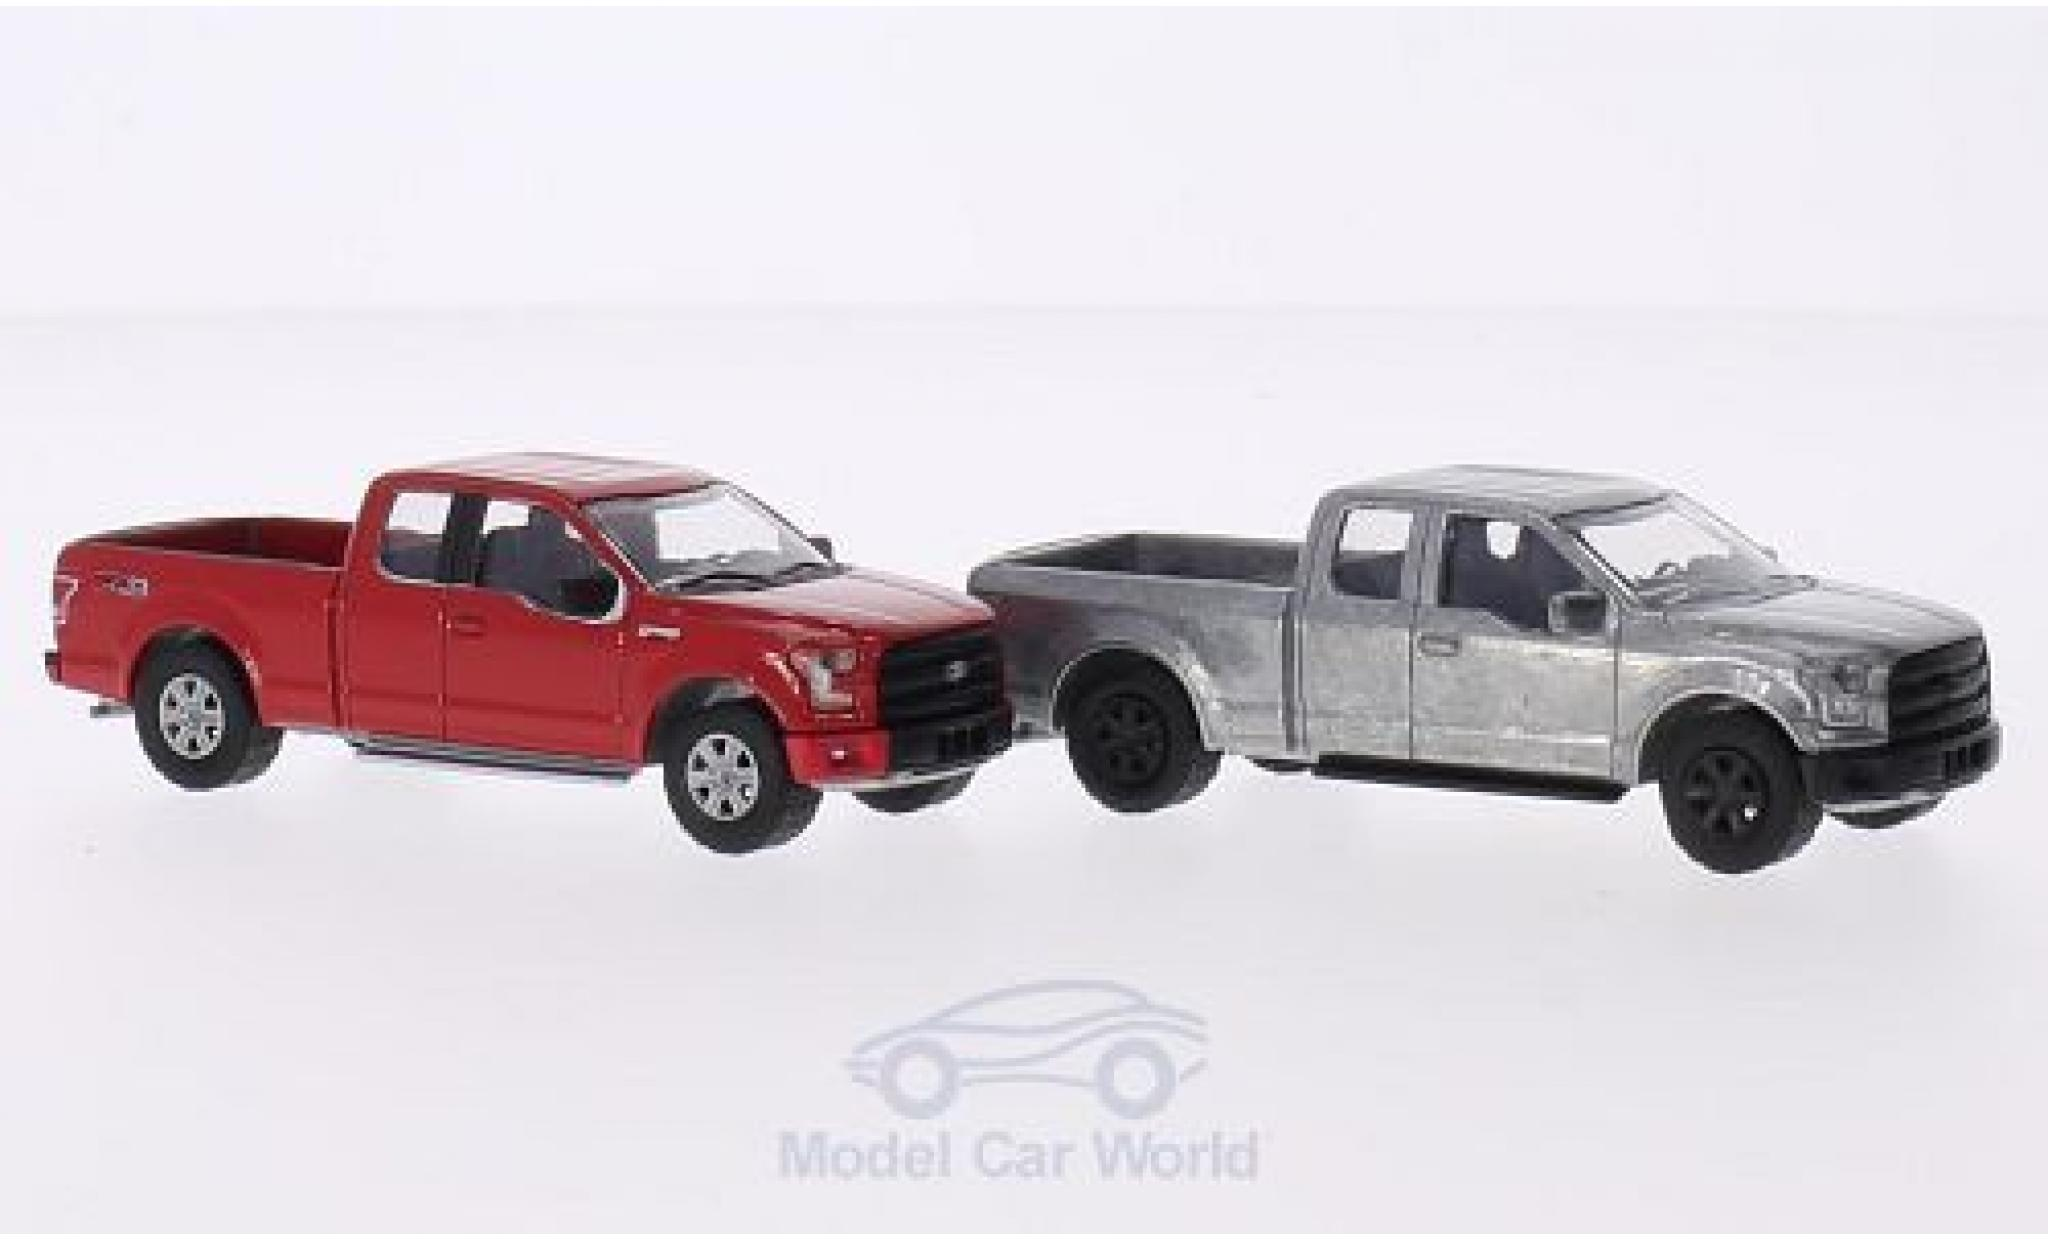 Ford F-1 1/64 Greenlight 50 XLT 2014 2er-Set in PC-Box je 1x rot und 1x unlackiert FirstCut